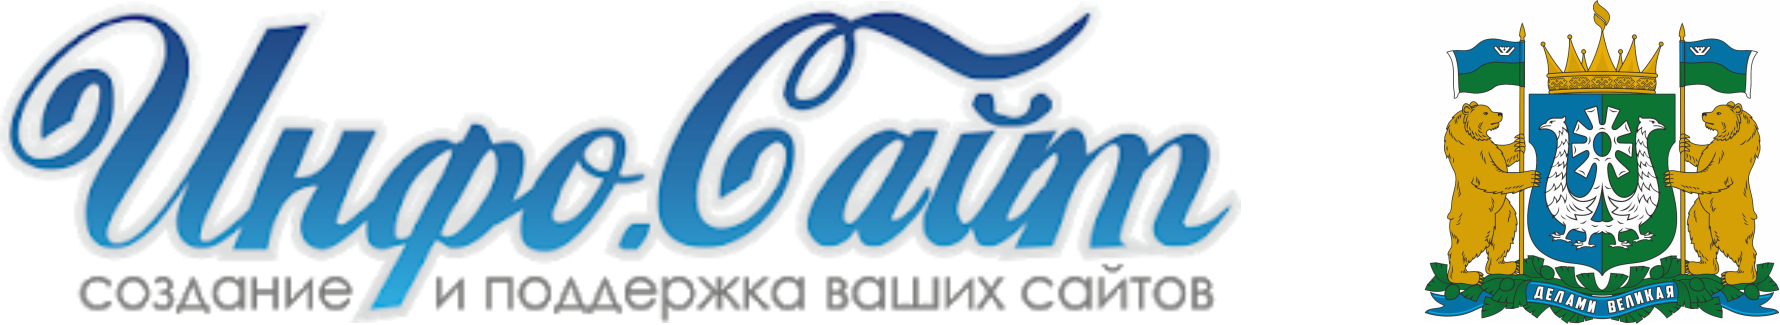 ХМАО 🌍 Инфо-Сайт : Новости и объявления Ханты-Мансийского округа - Югры